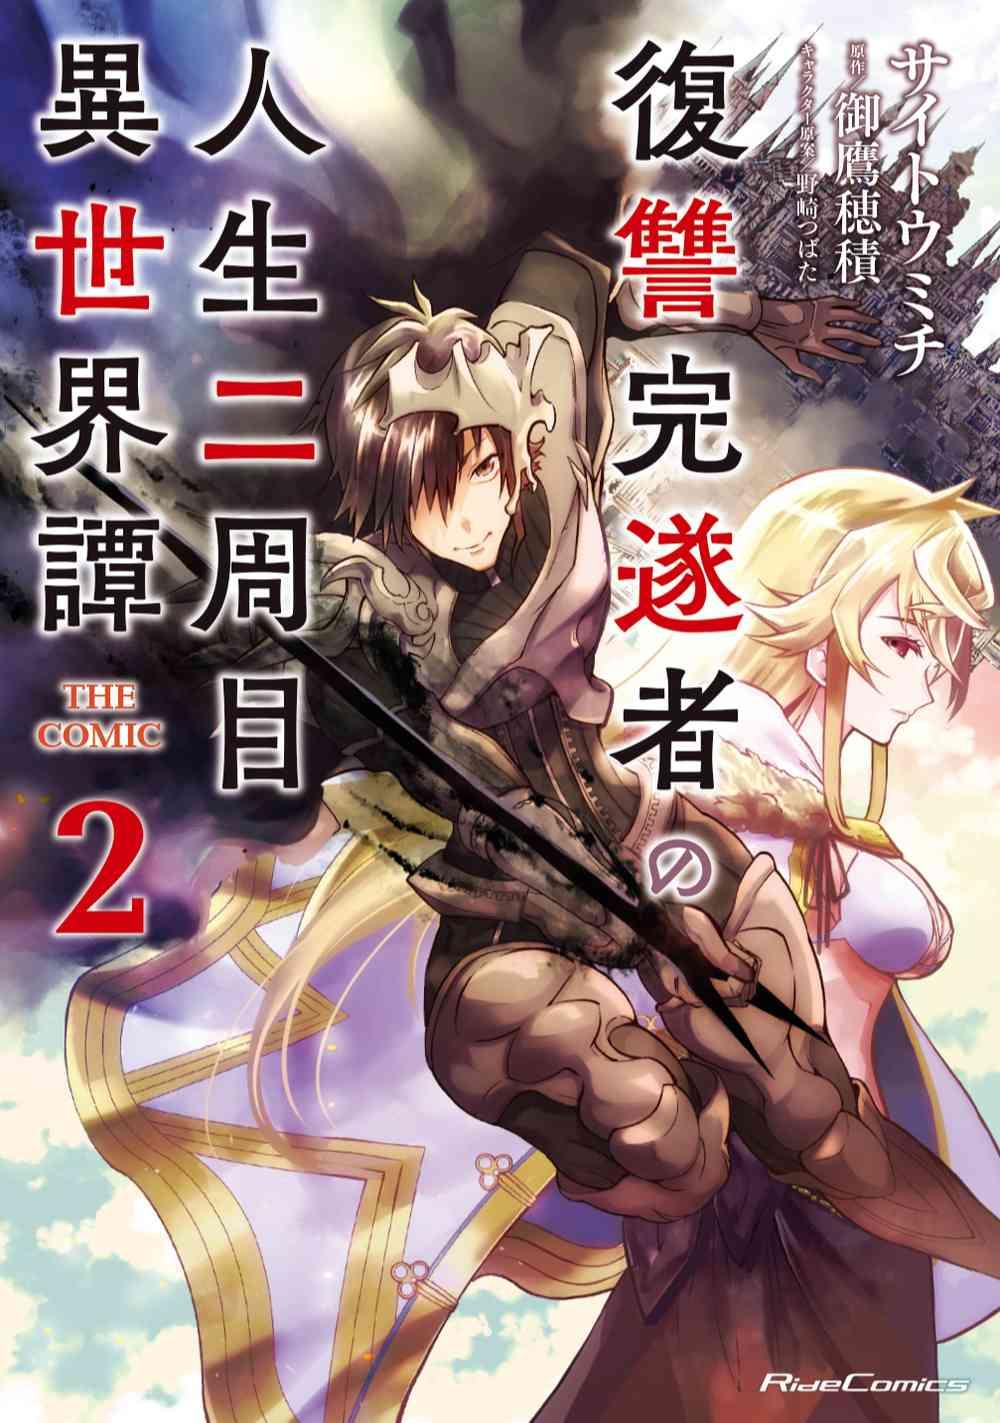 復讐完遂者の人生二周目異世界譚 THE COMIC 2